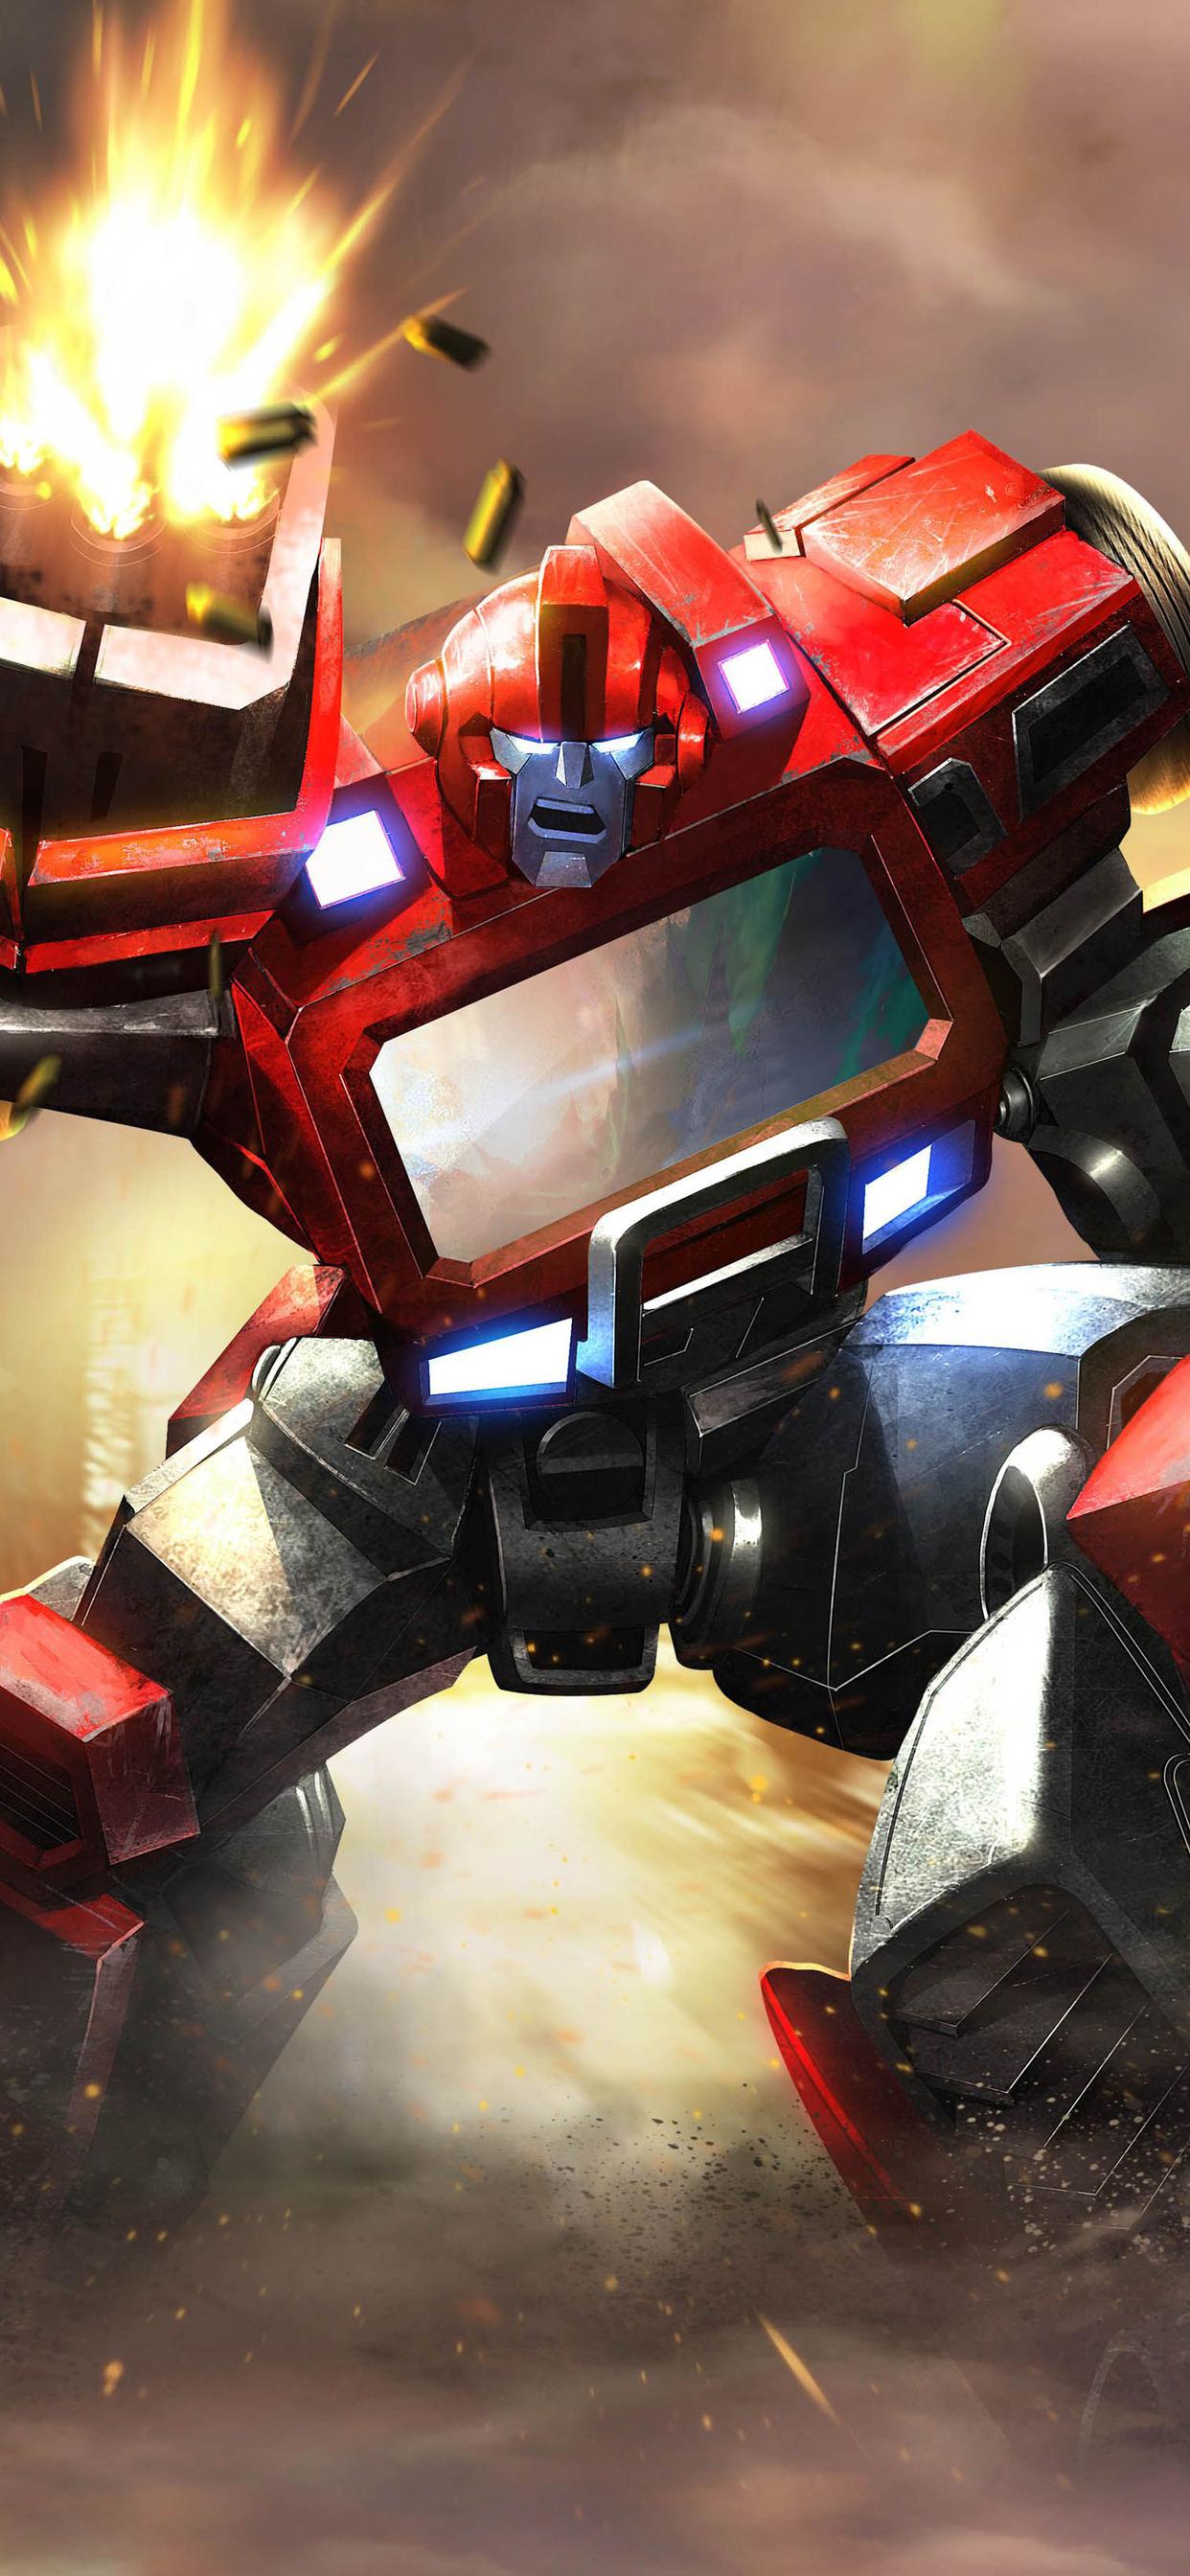 1242x2688 Autobots Transformers Iphone Xs Max Hd 4k